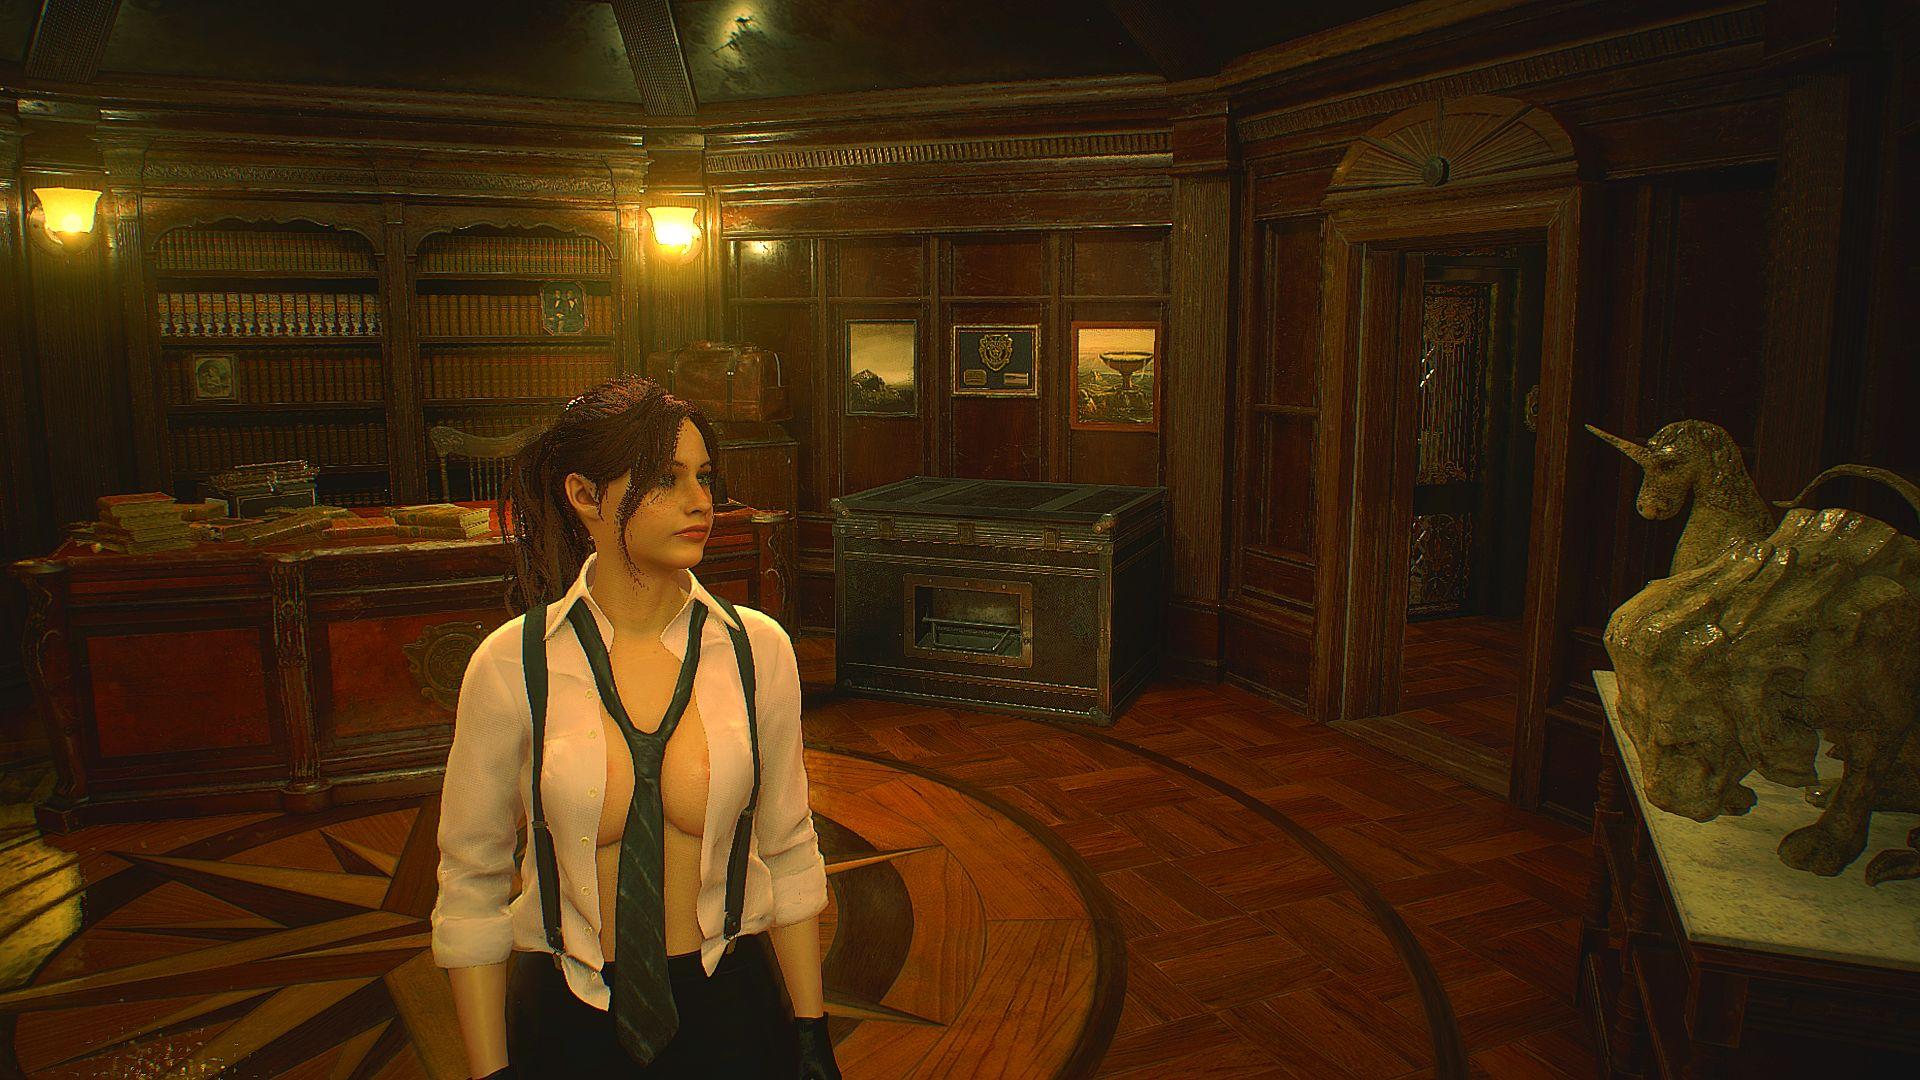 000775.Jpg - Resident Evil 2